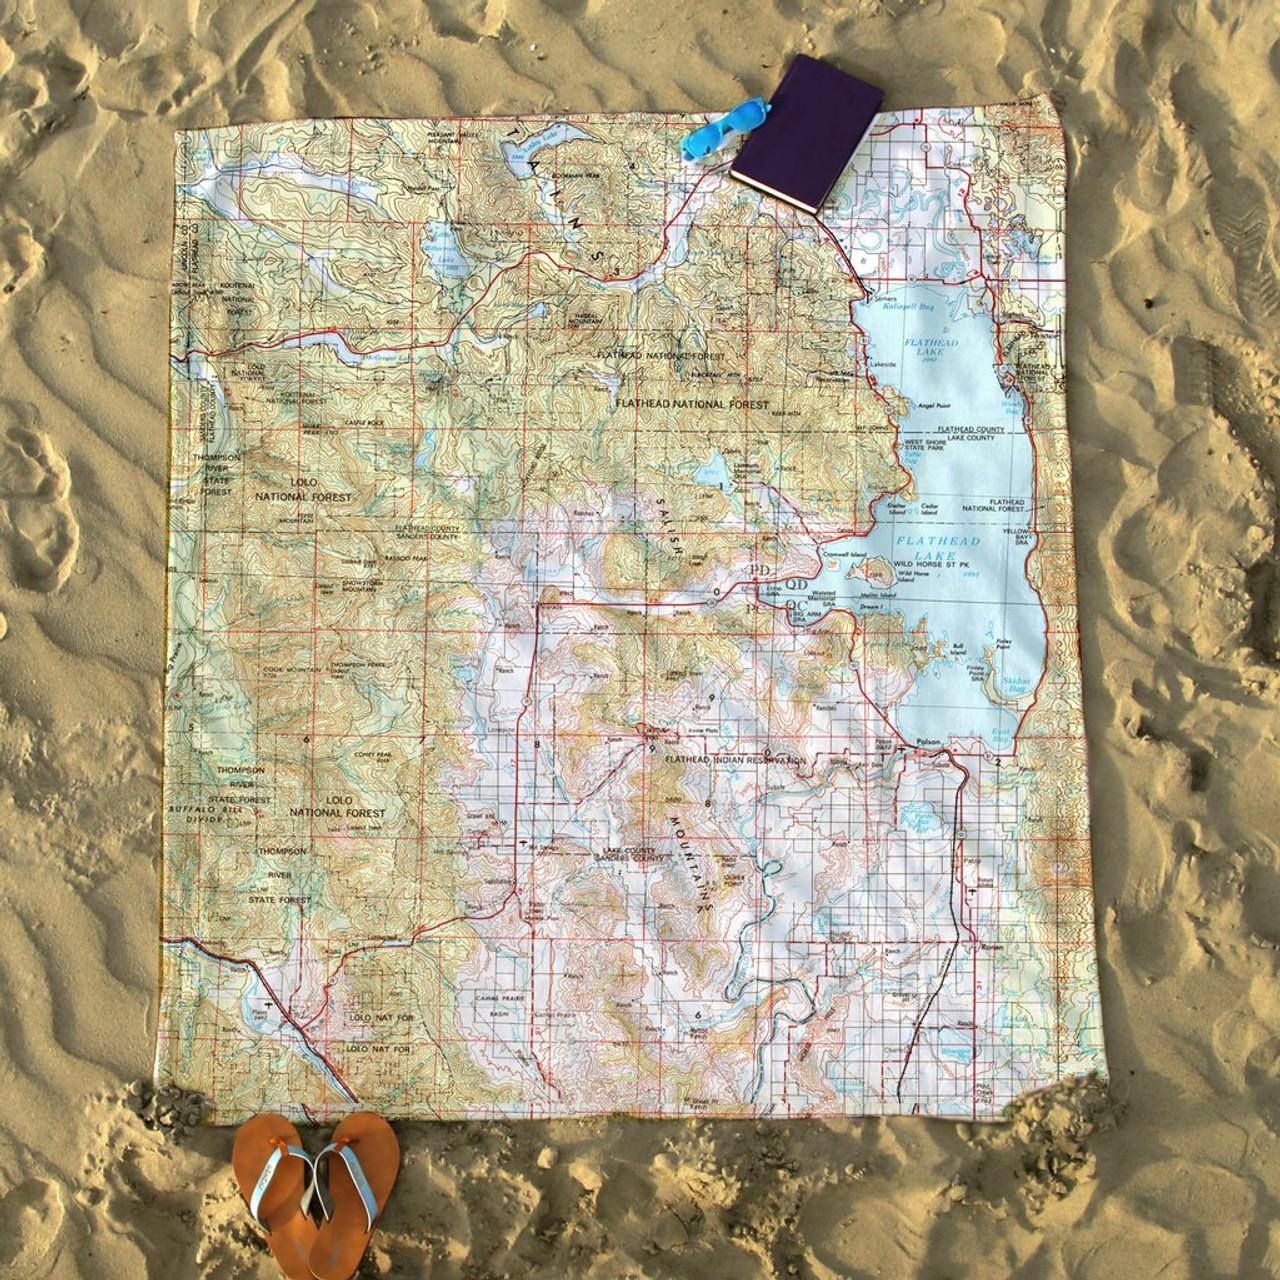 Nautical Blanket - Whidbey Island, WA